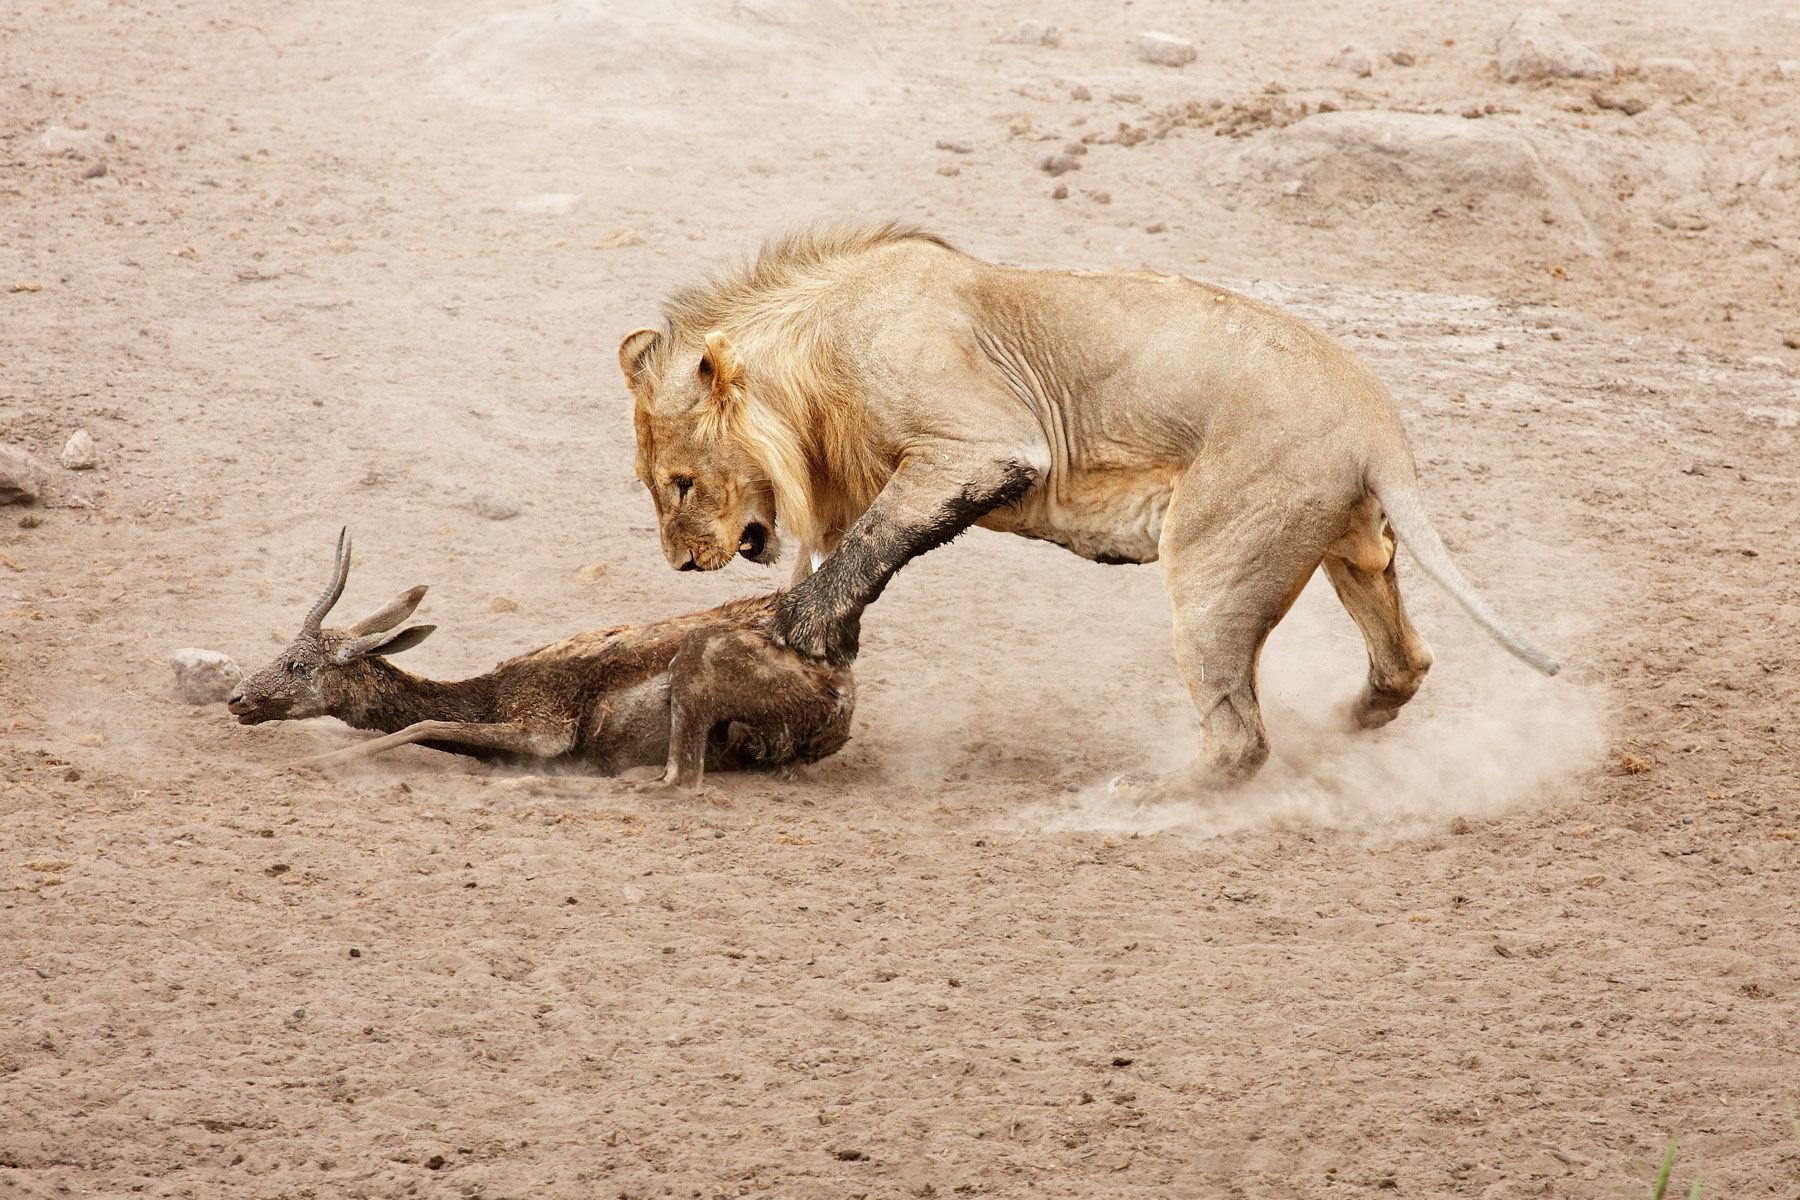 Lion and springbok